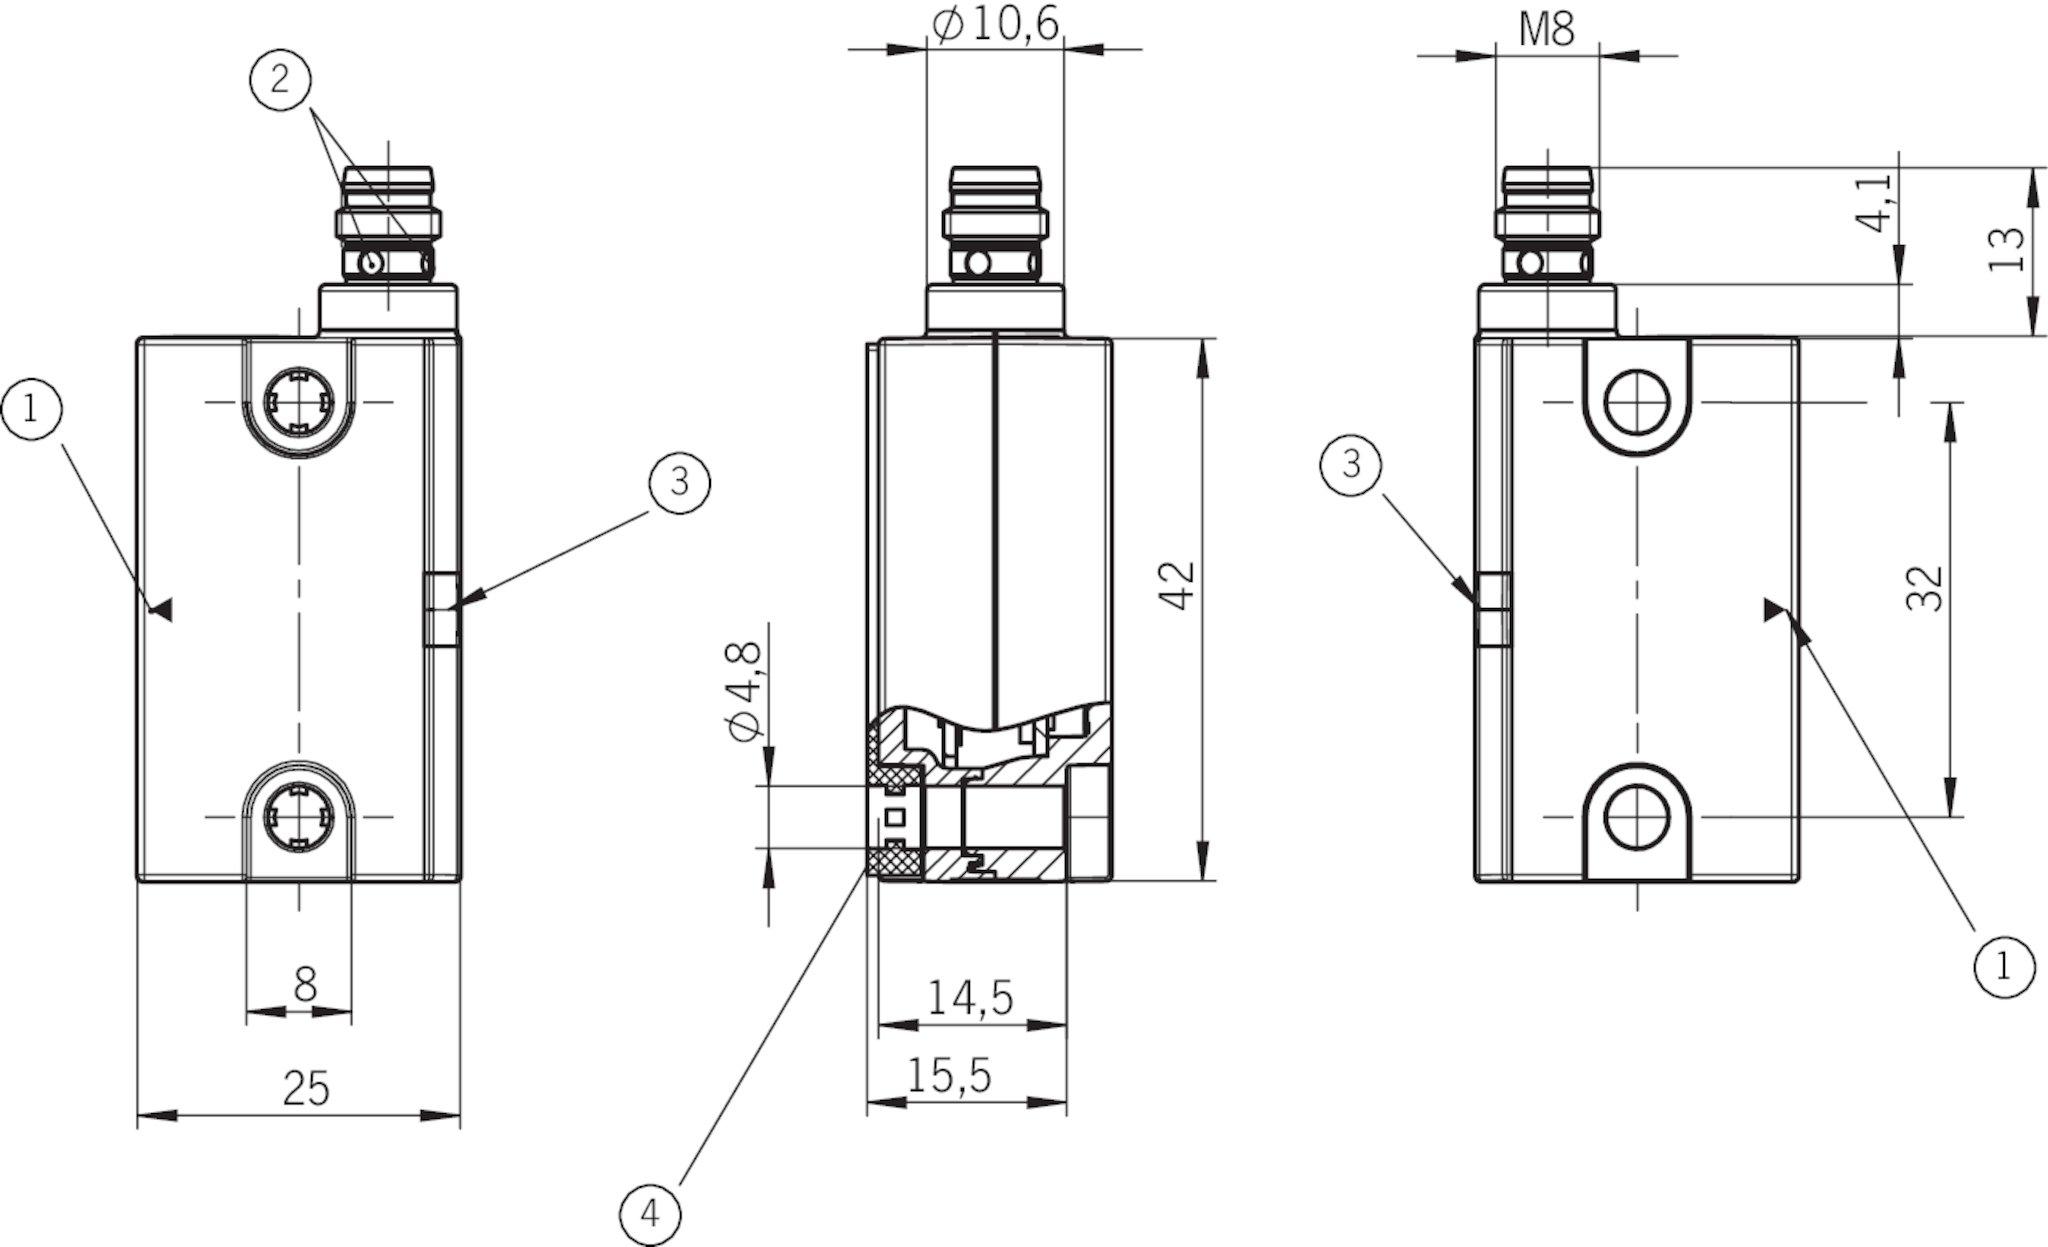 ces i as2a u c04 sc 120547 safety switch ces as c04 with. Black Bedroom Furniture Sets. Home Design Ideas